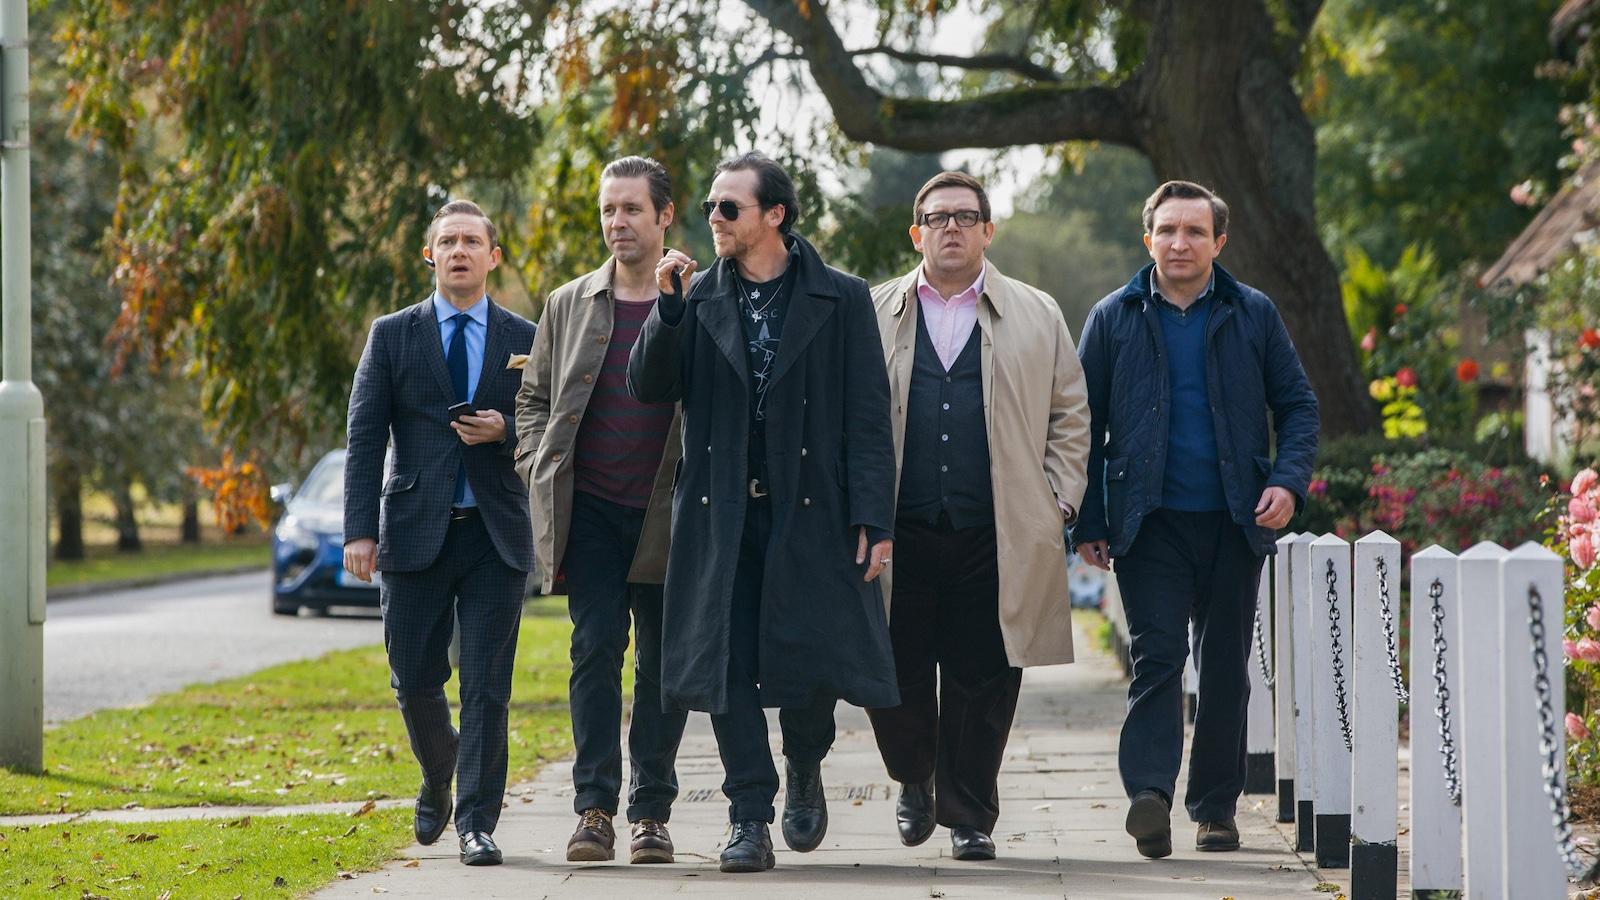 Un groupe d'hommes marche dans la rue.